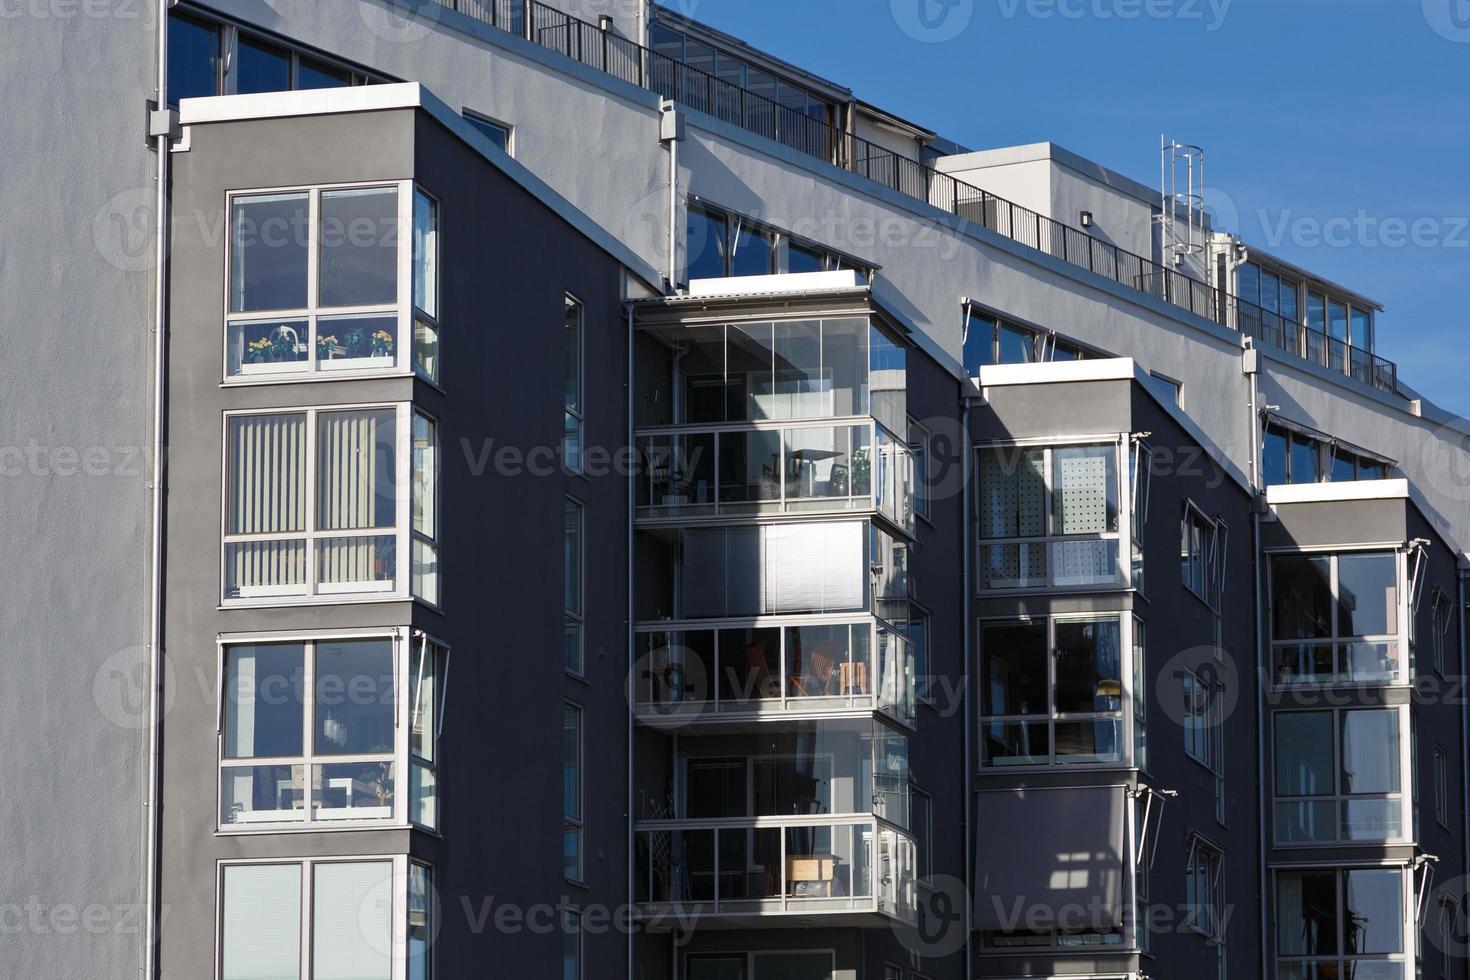 Apartamento moderno en la ciudad de vasteras, suecia. foto